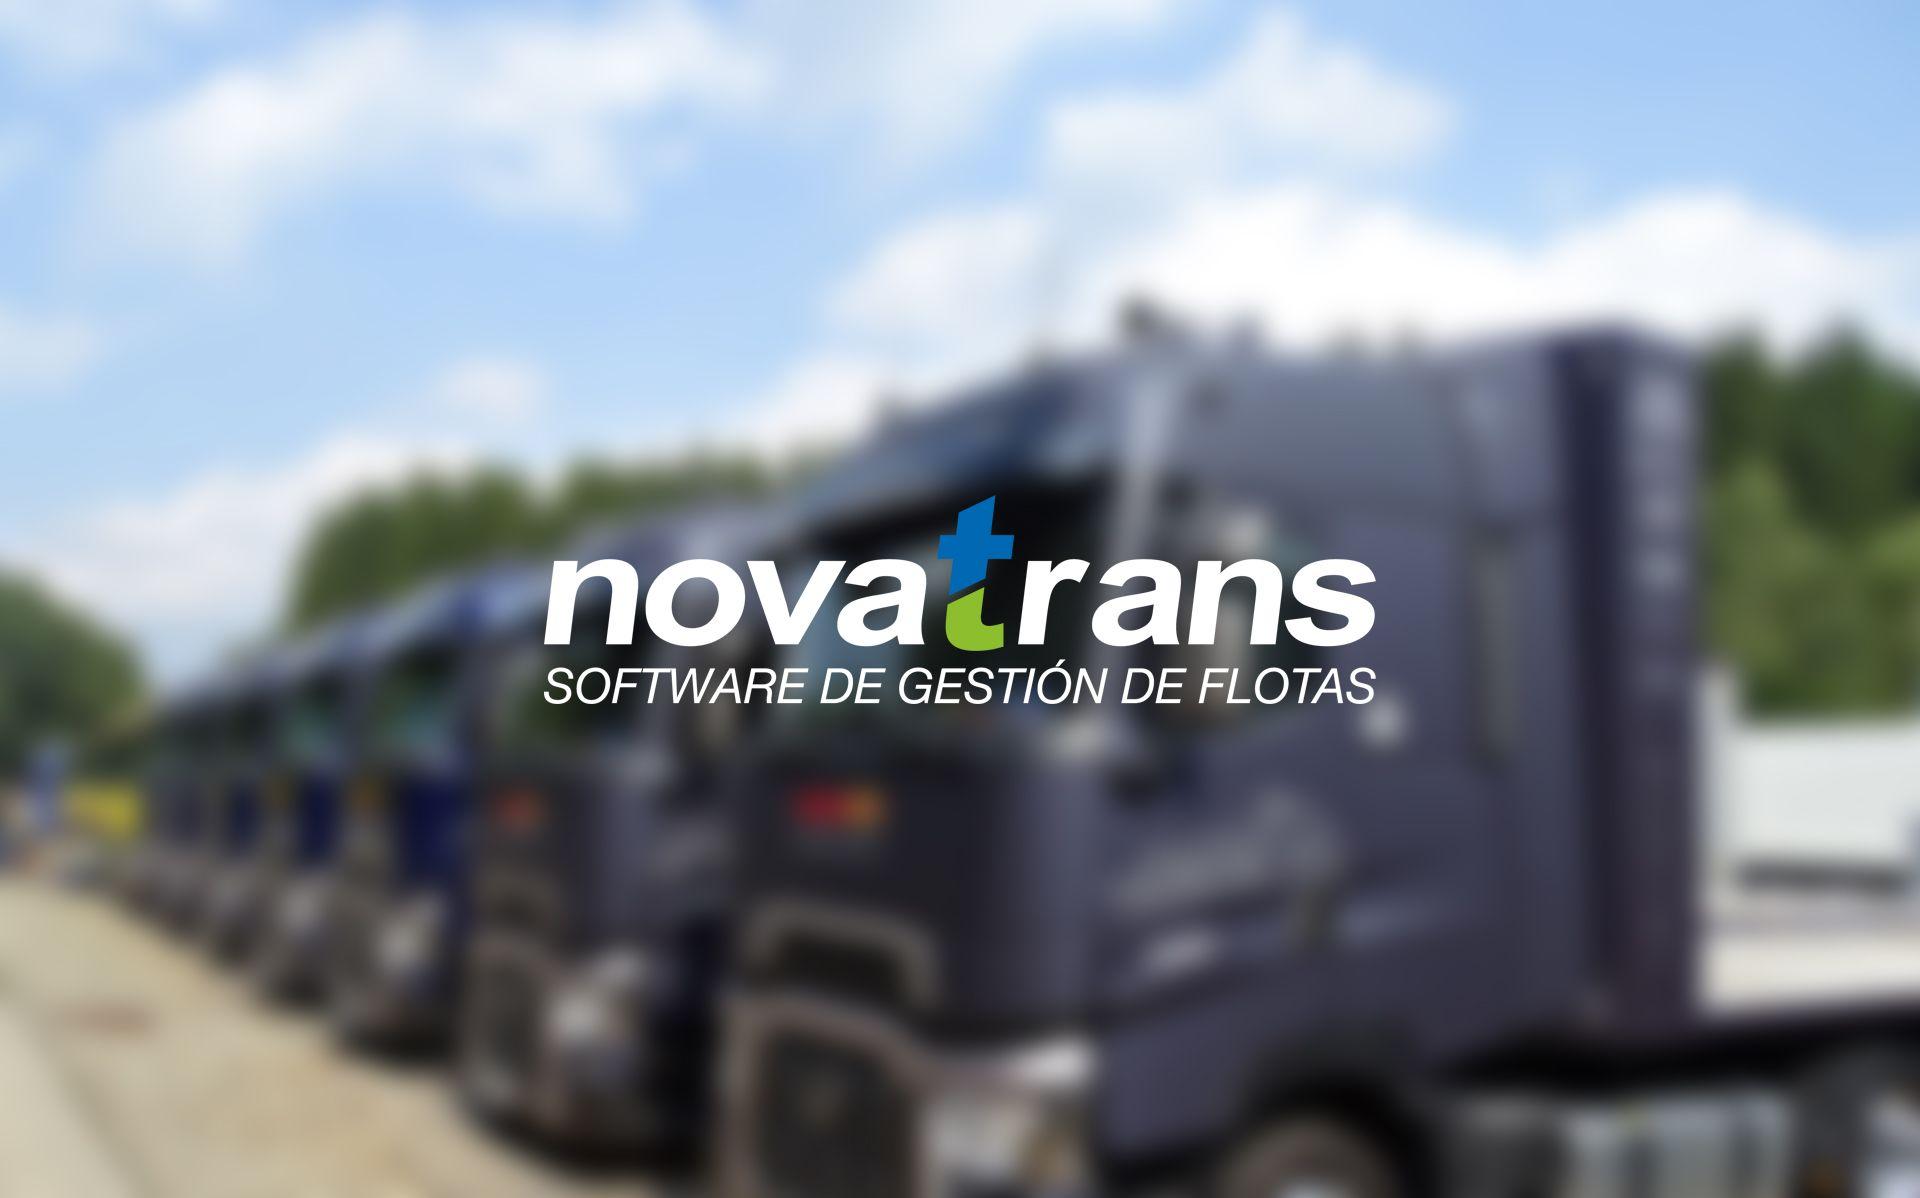 Fotografia Novatrans